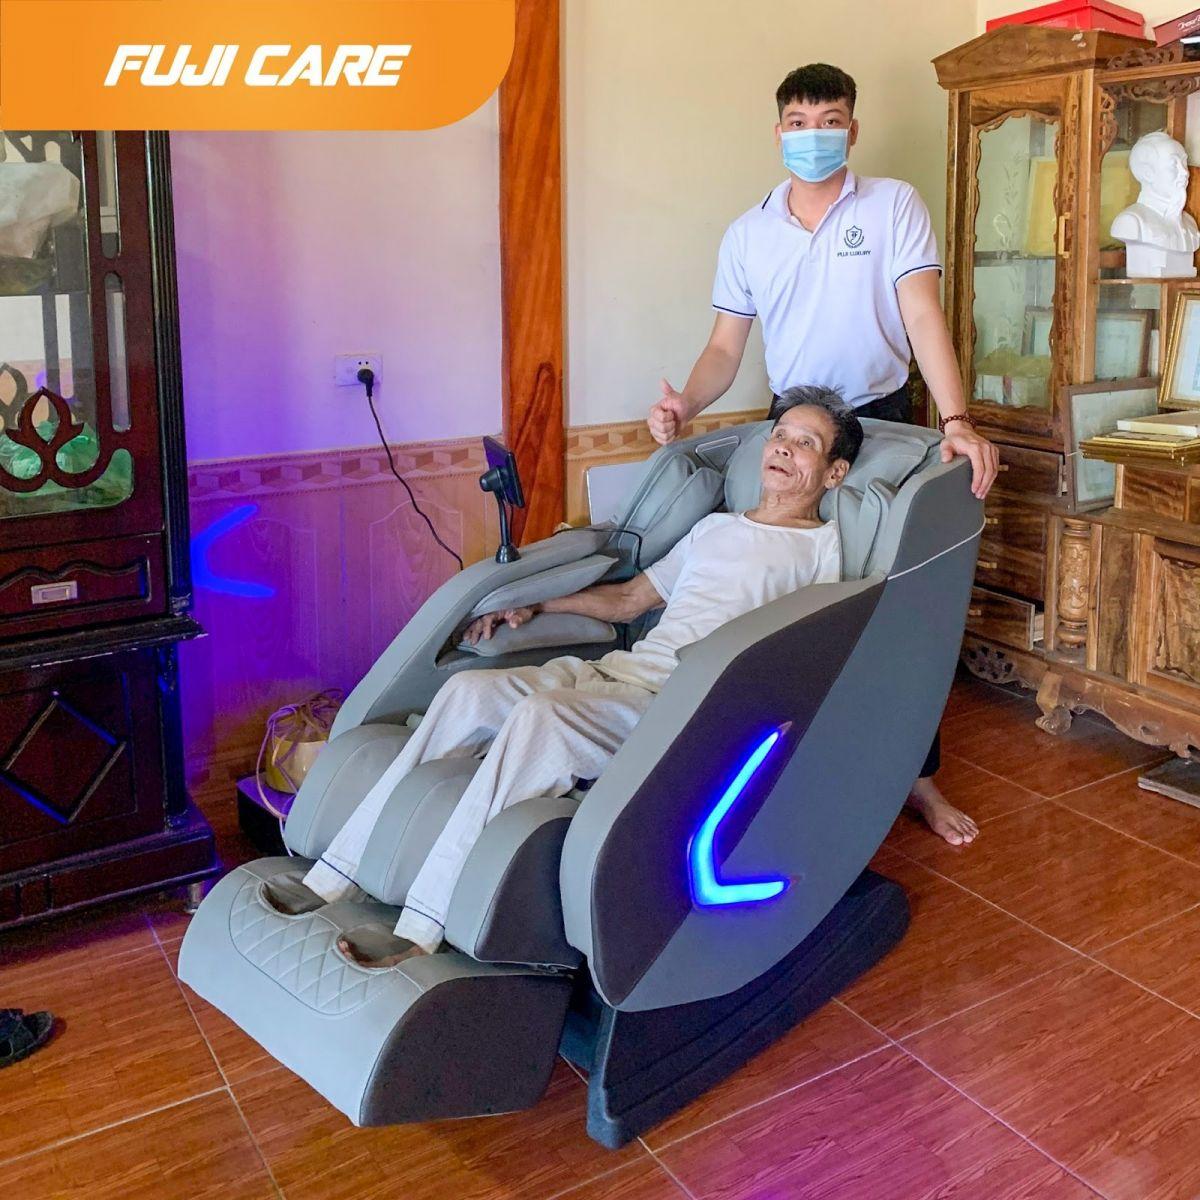 Ghế massage Fuji Care: Bảo vệ sức khỏe cộng đồng